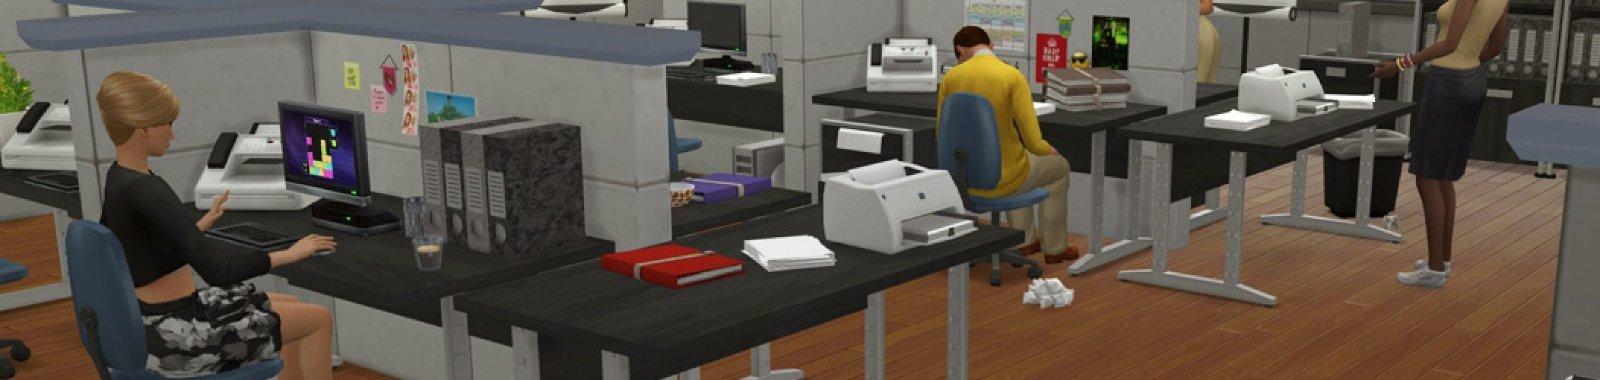 bureaux virtuels